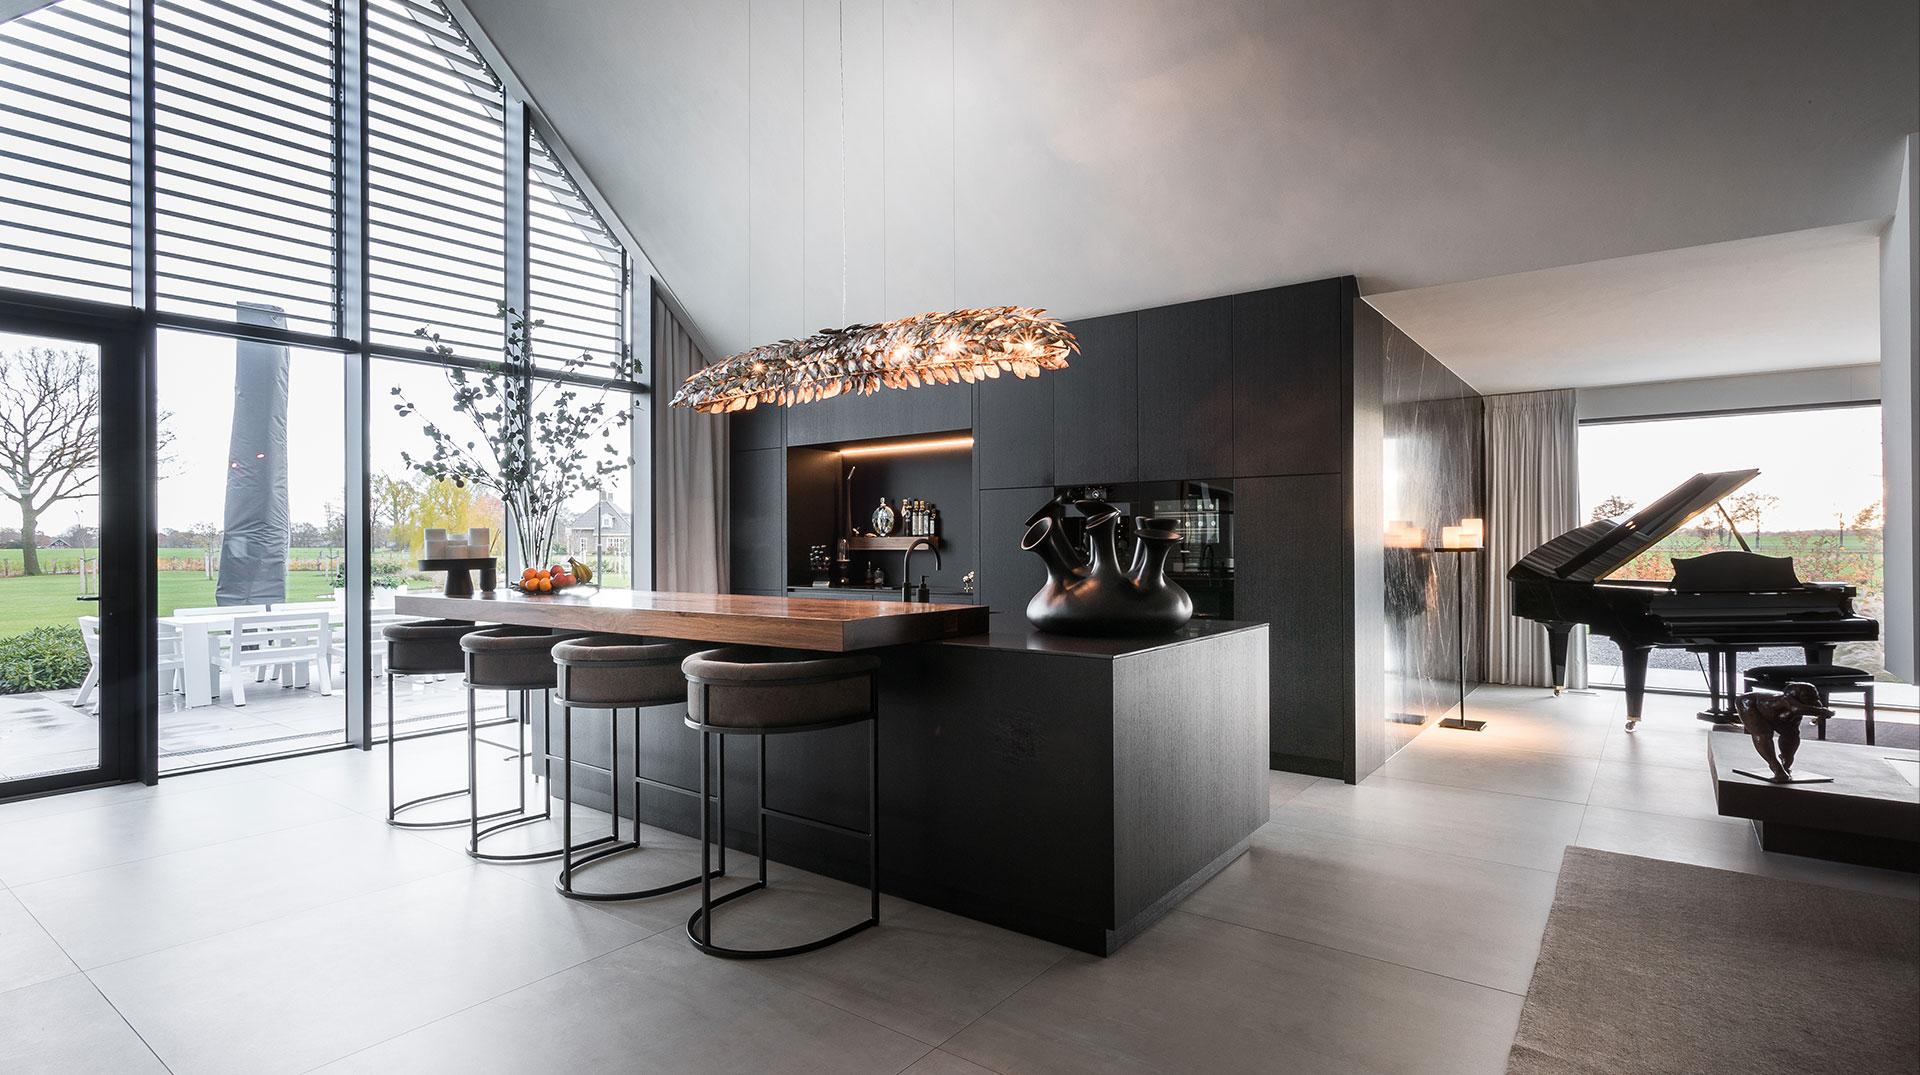 Daggenvoorde Keuken / Interieur - Jouw droomkeuken/interieur handgemaakt